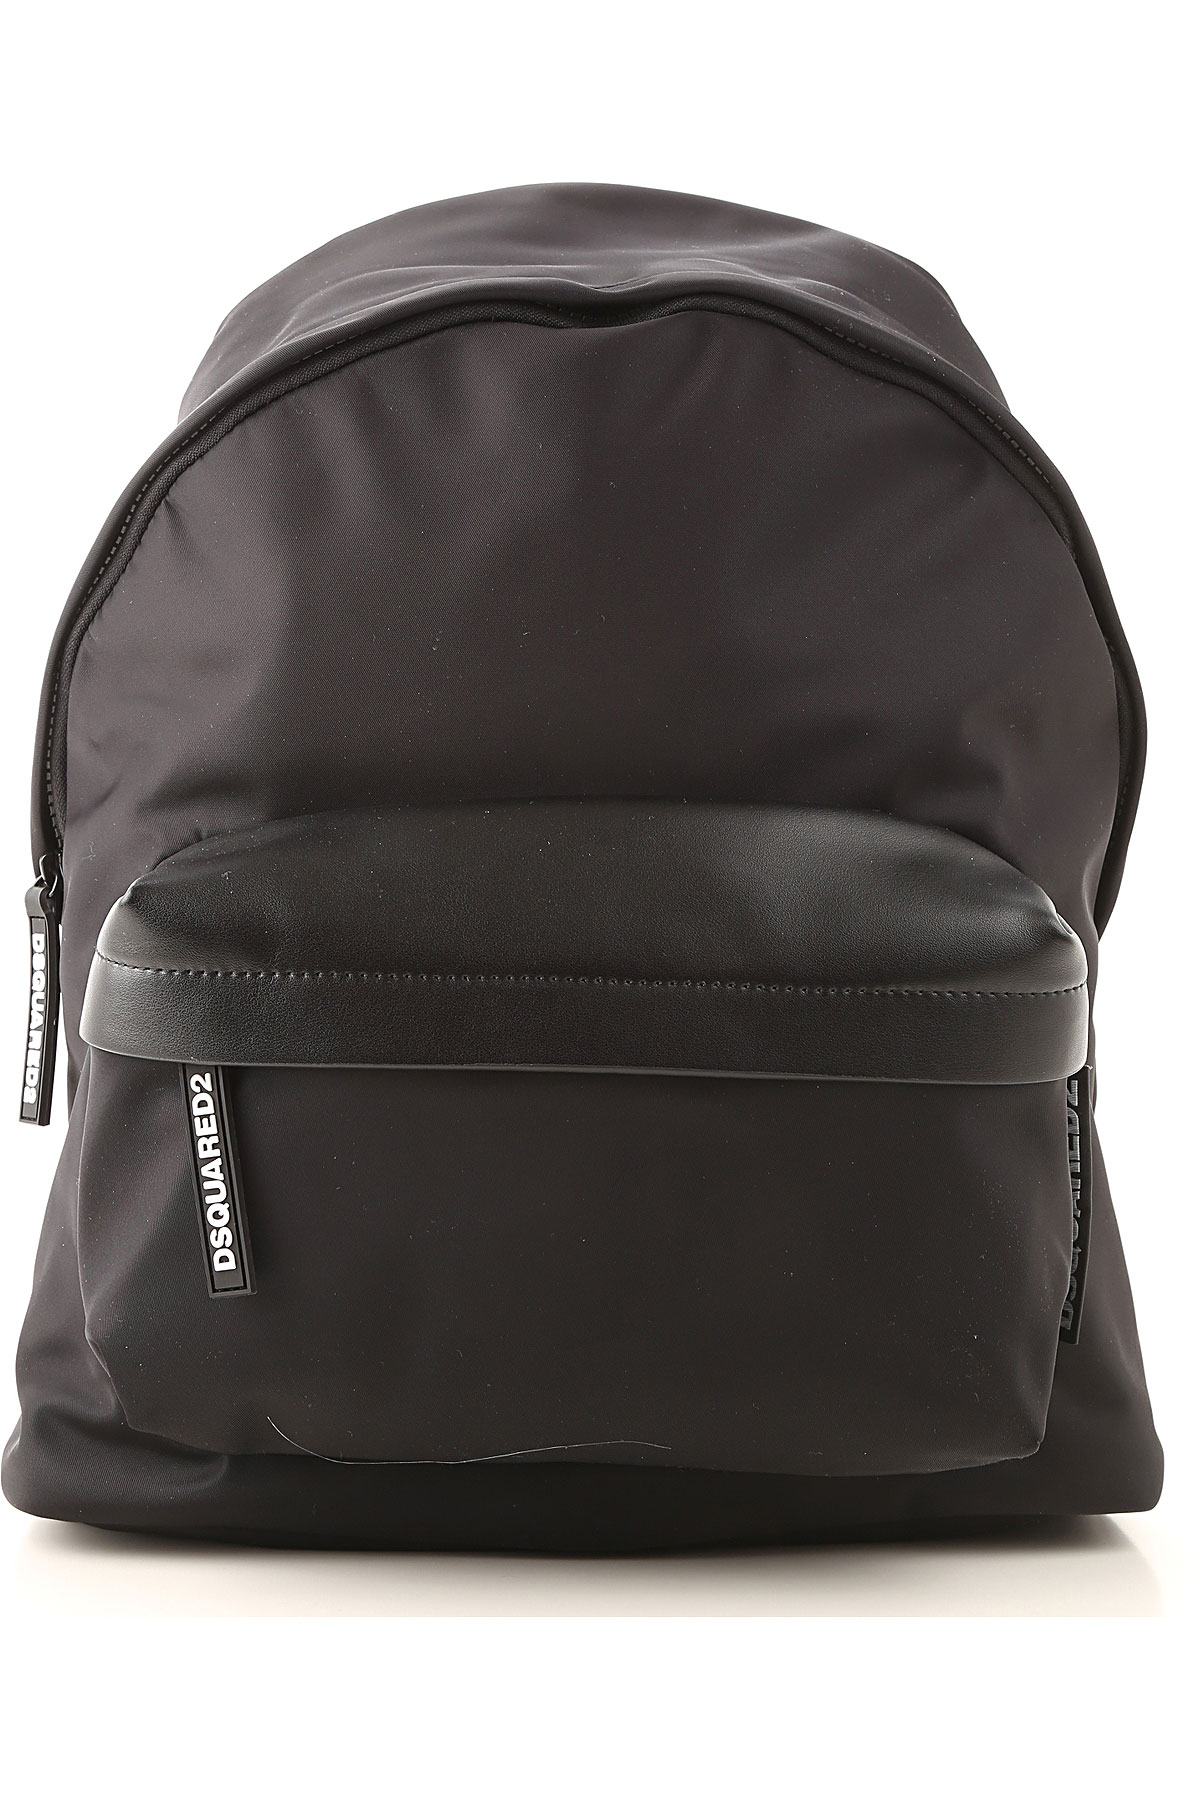 Dsquared2 Backpack for Men On Sale, Black, polyamide, 2019